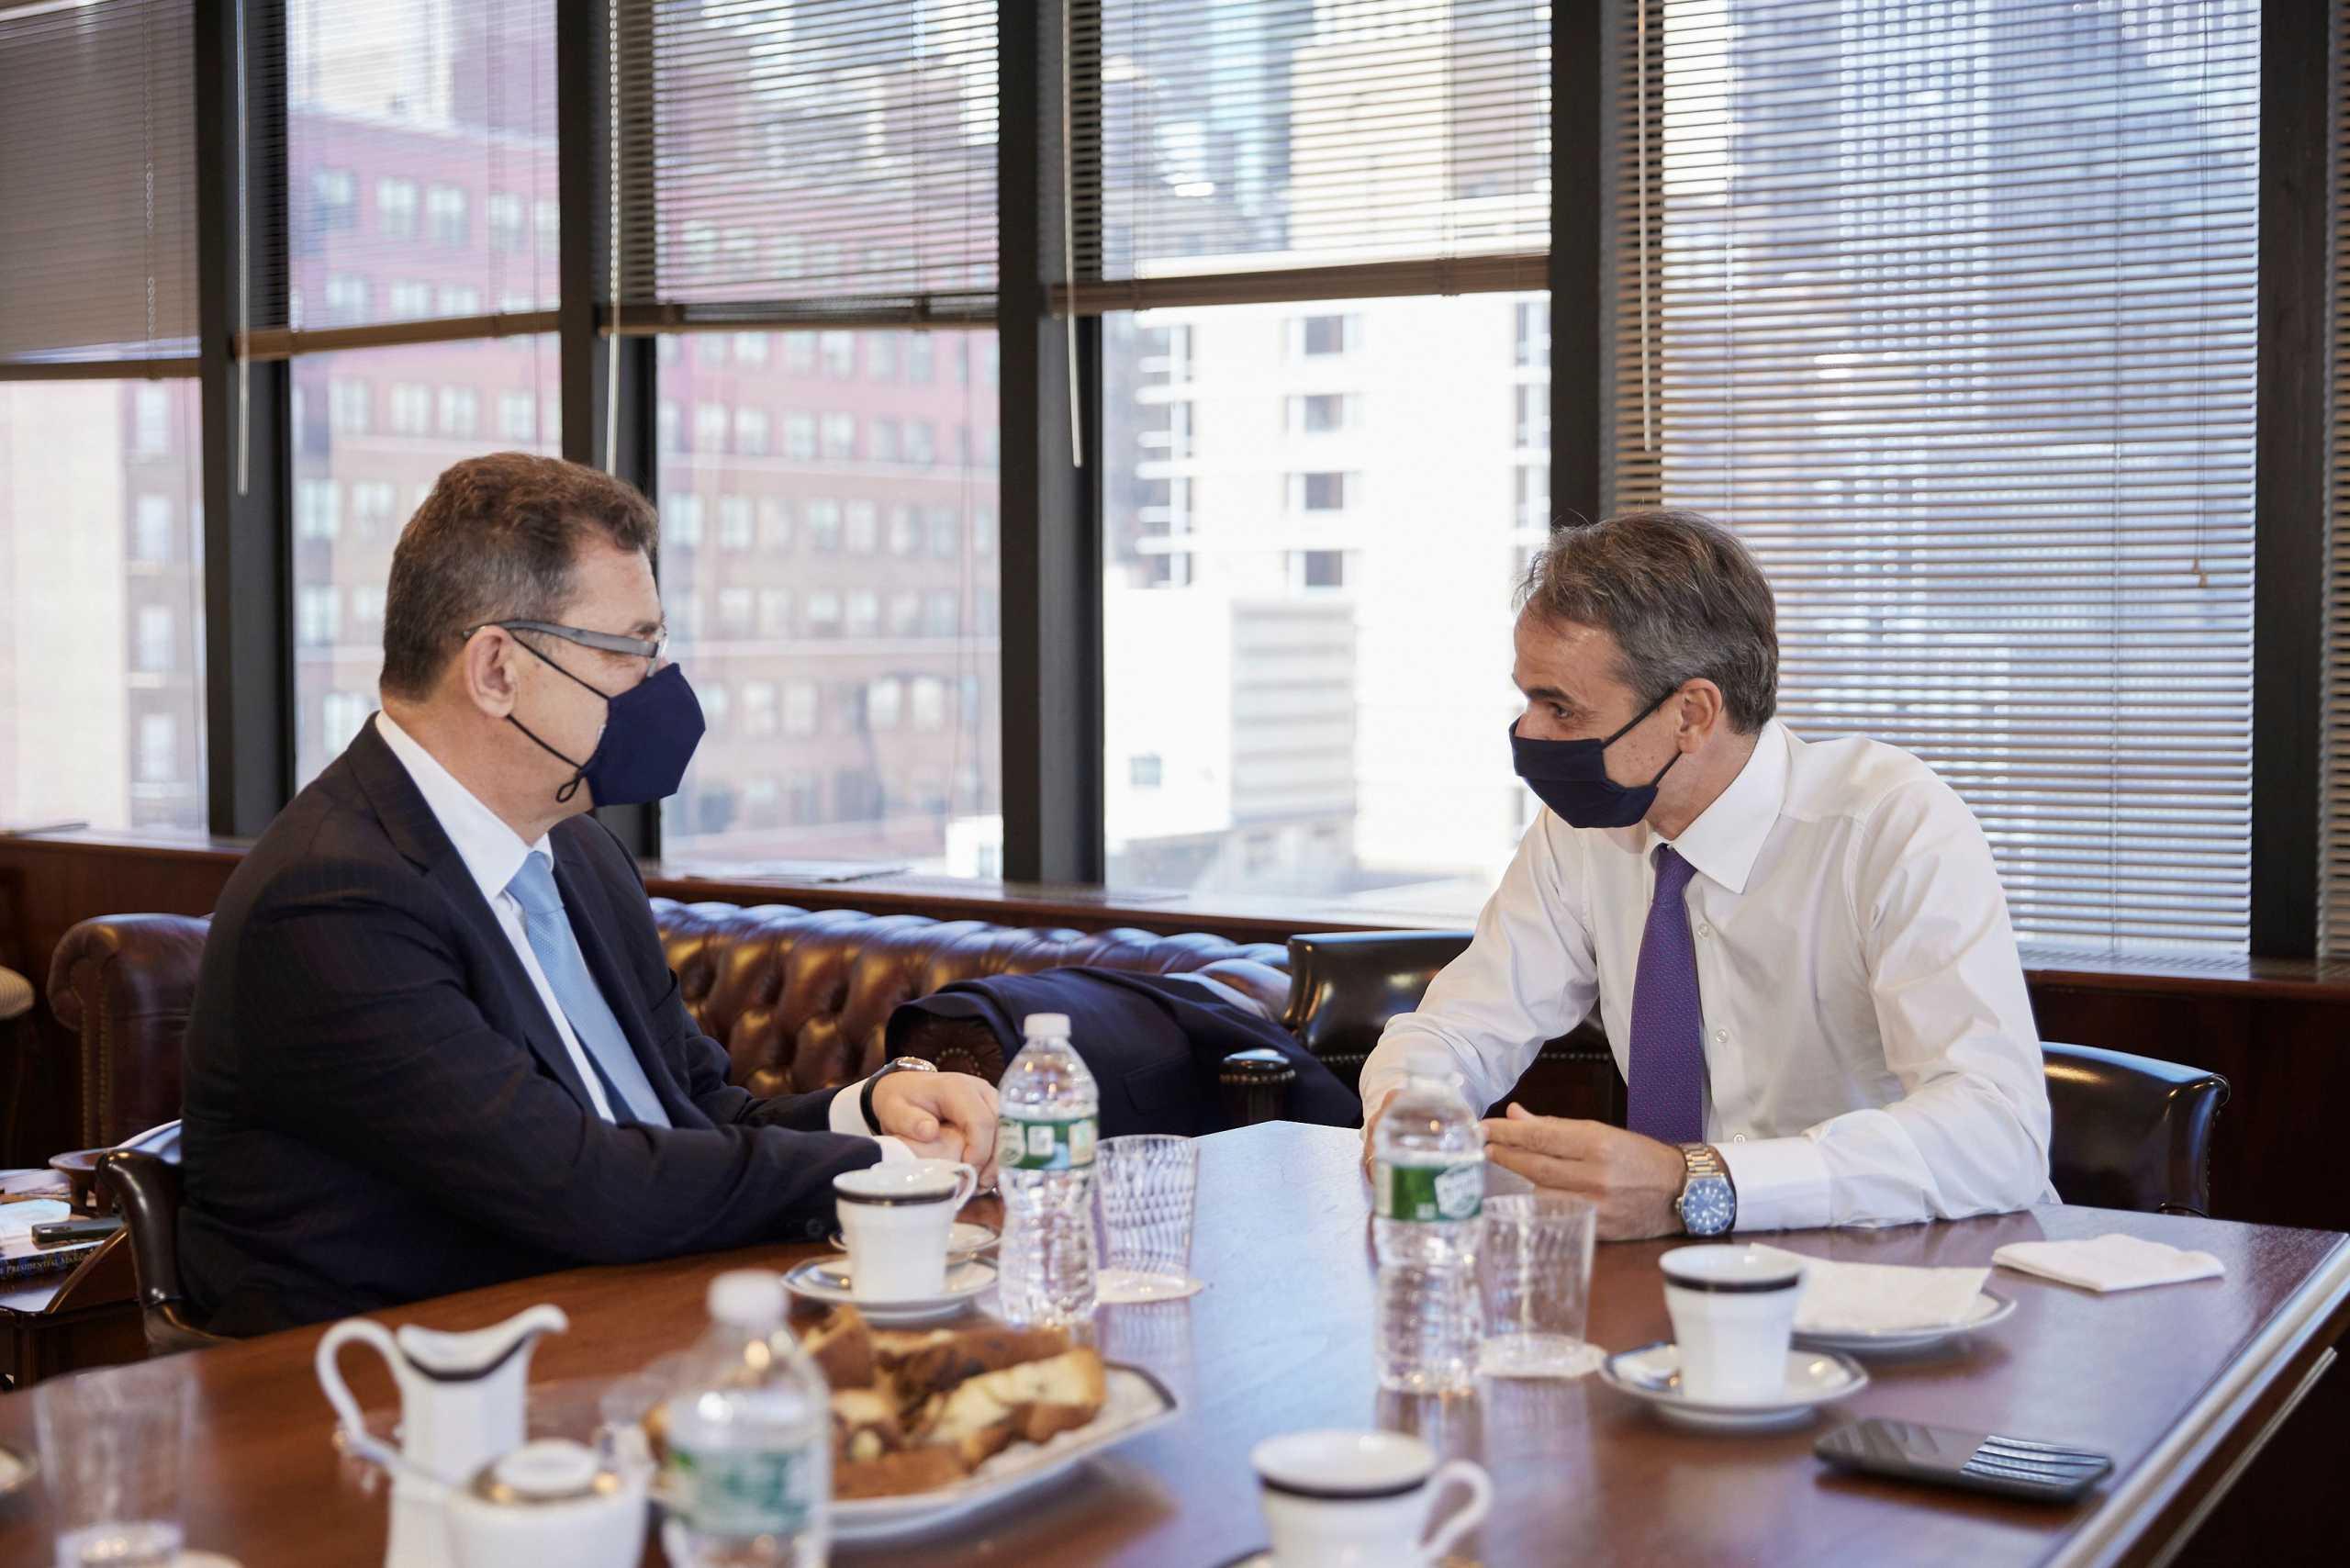 Κυριάκος Μητσοτάκης: Συνάντηση με τον Άλμπερτ Μπουρλά στη Νέα Υόρκη